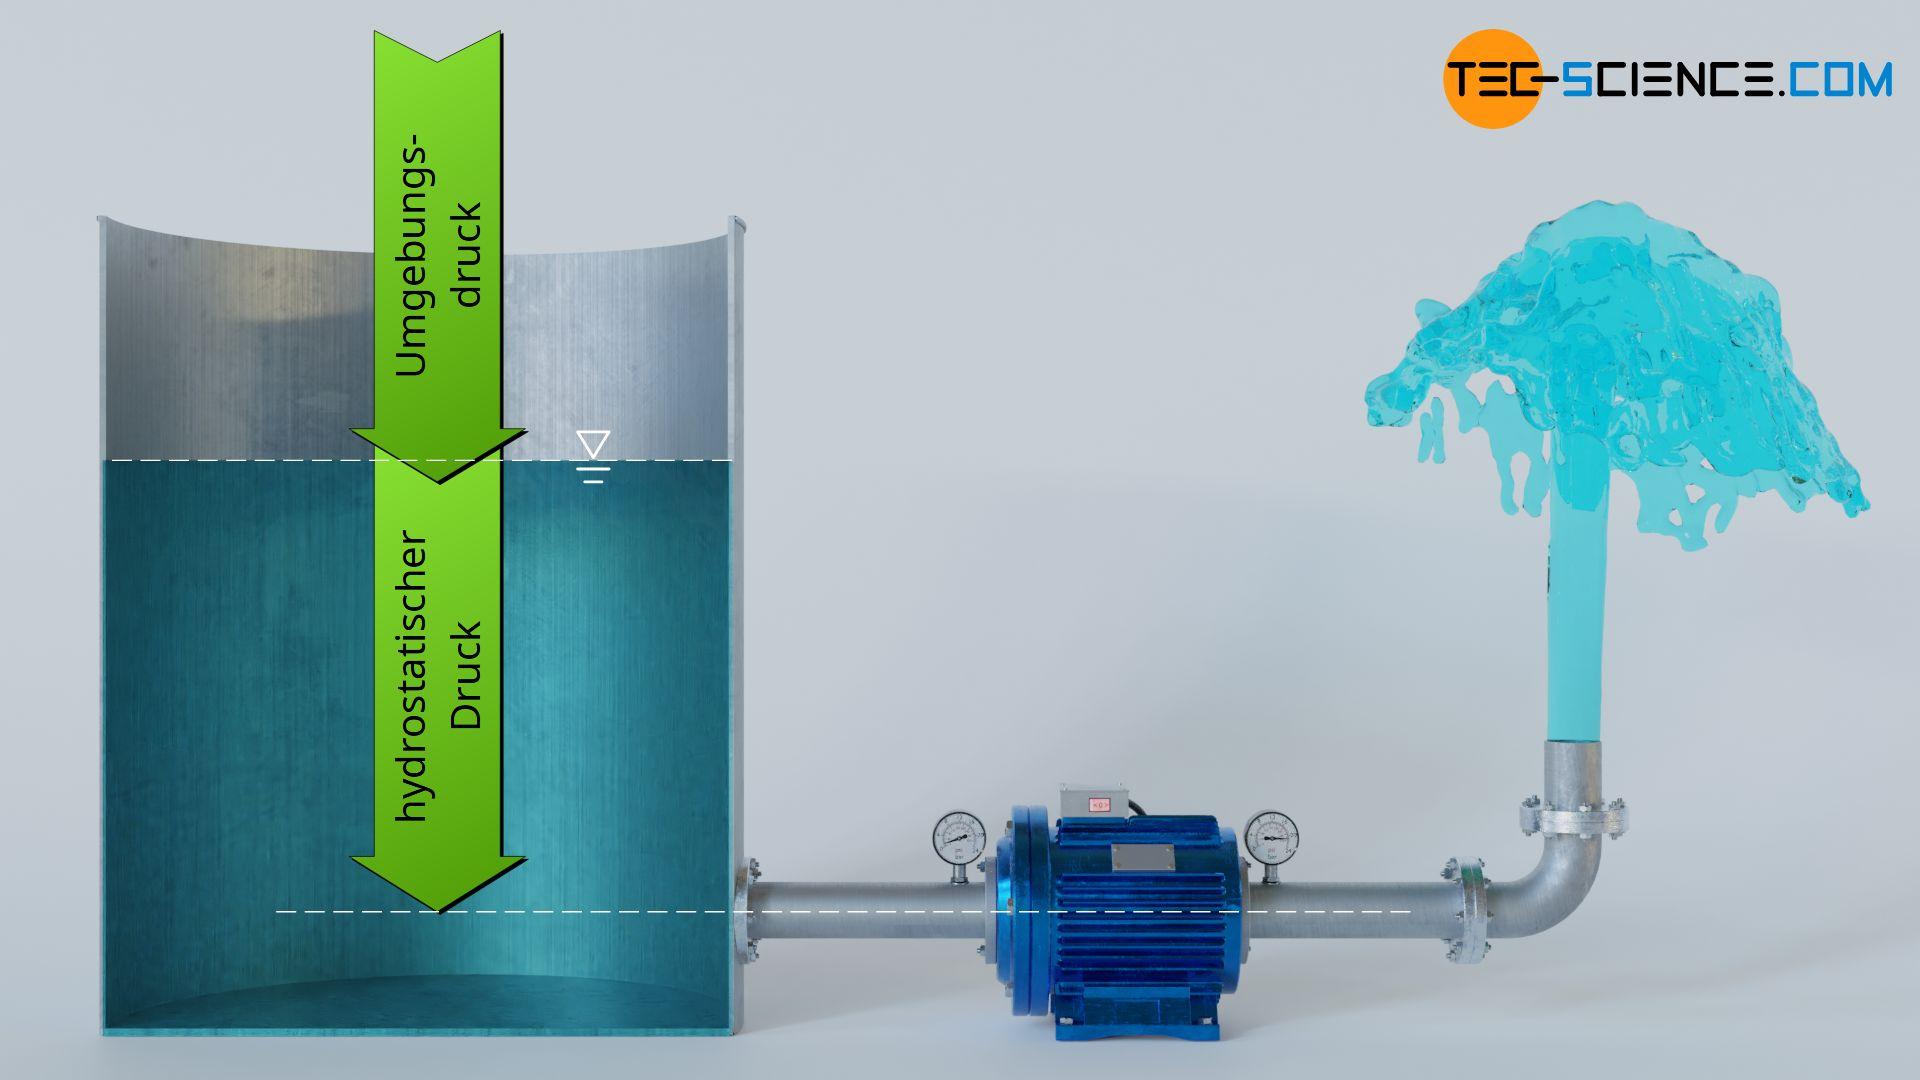 Einschieben der Flüssigkeit in die Pumpe durch den Umgebungsdruck und den hydrostatischen Druck